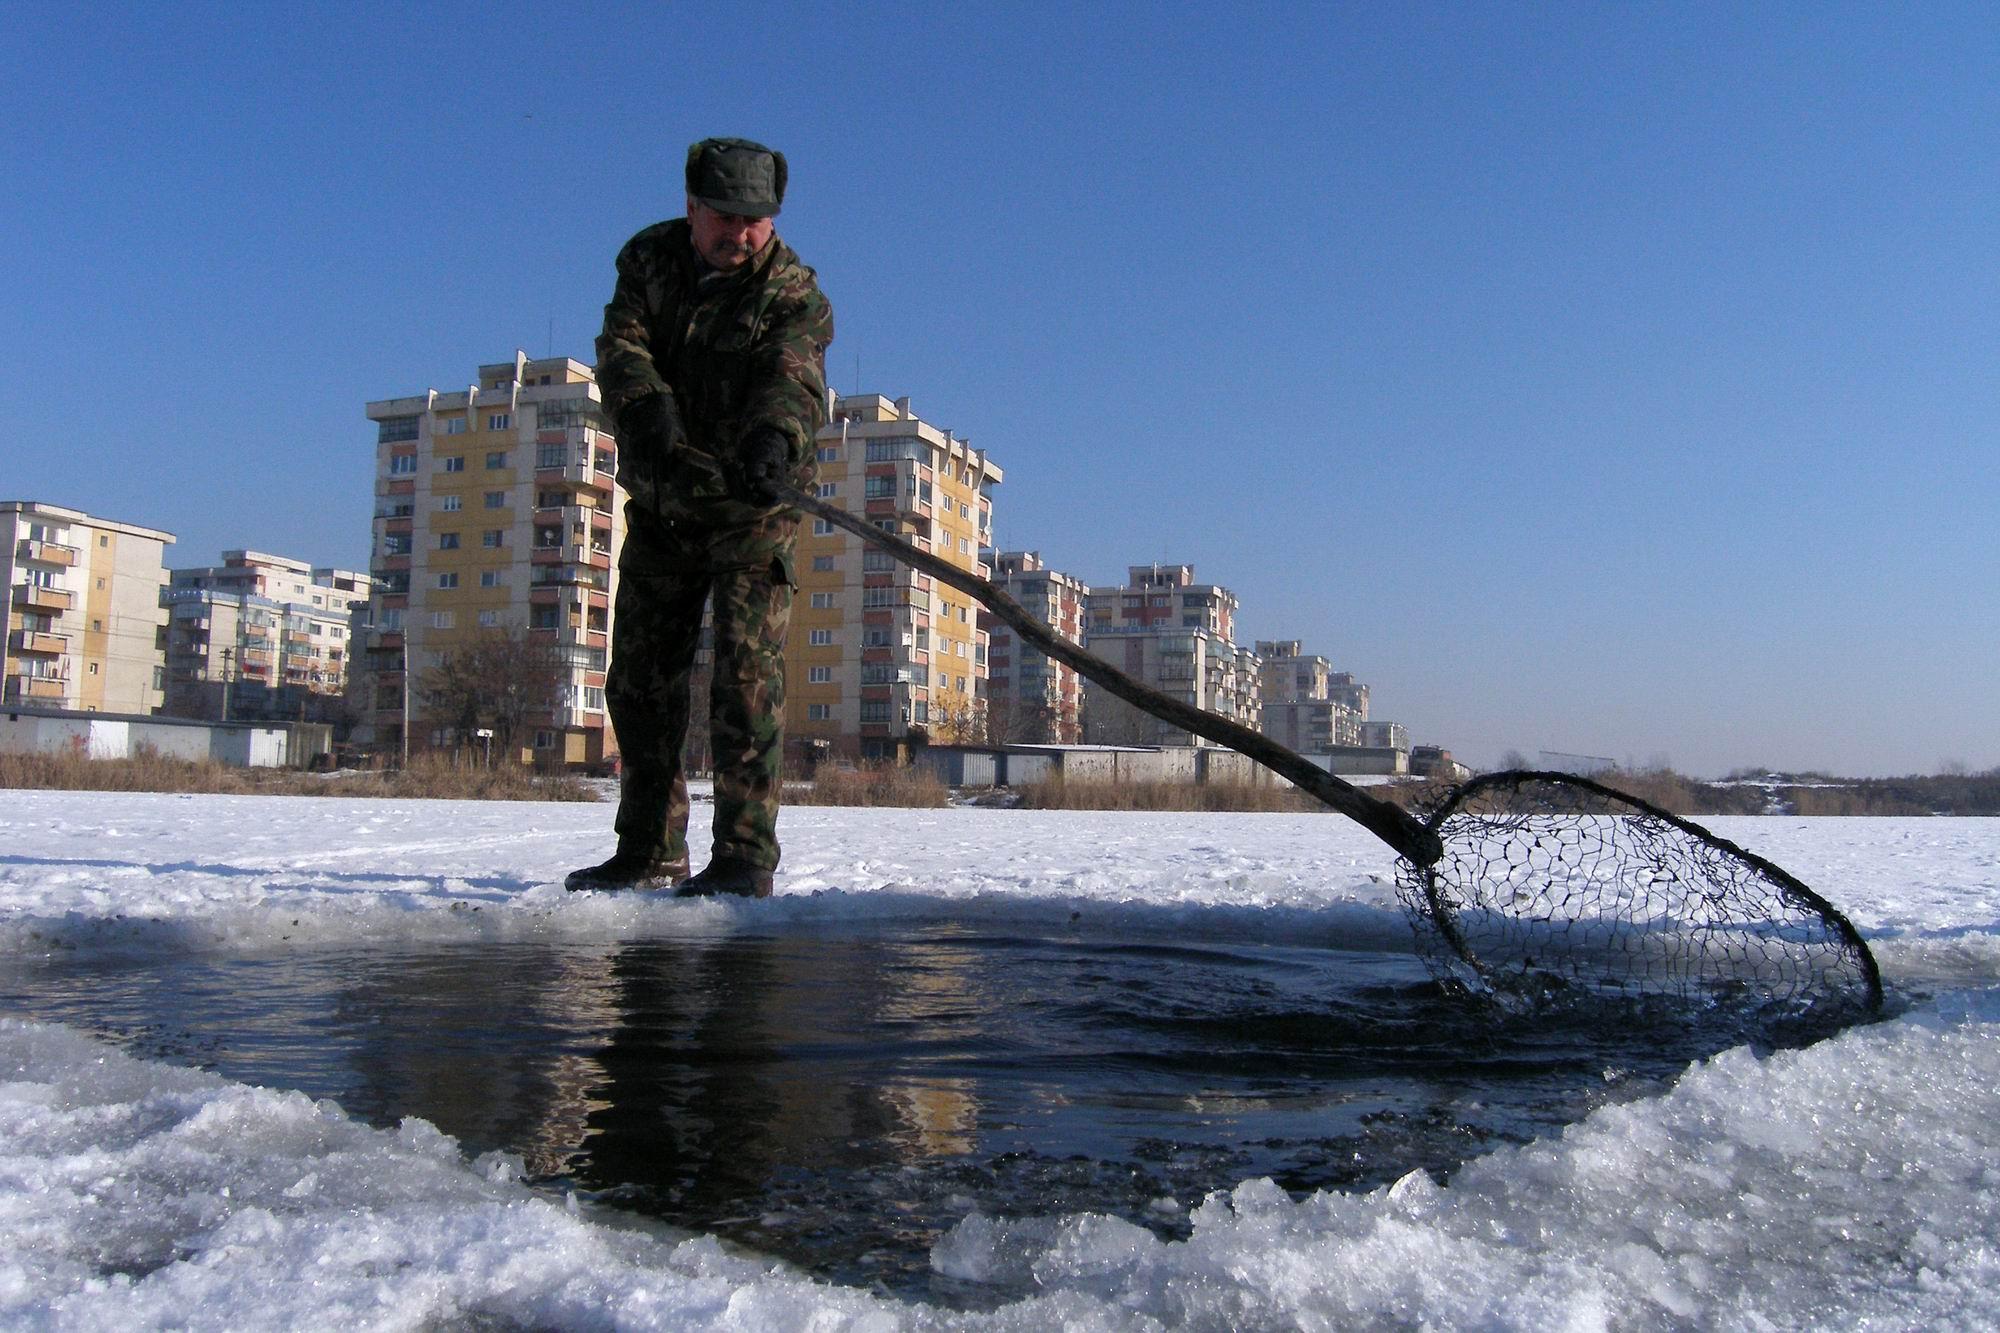 Un angajat de la AGVPS Cluj curata de gheata, miercuri 25.01.2006, o copca taiata in gheata groasa de peste 20cm, pe un lac din cartierul clujean Marasti. In cursul acestei dimineti s-au interistrat la Cluj-Napoca temperaturi de - 20 gradde Celsius